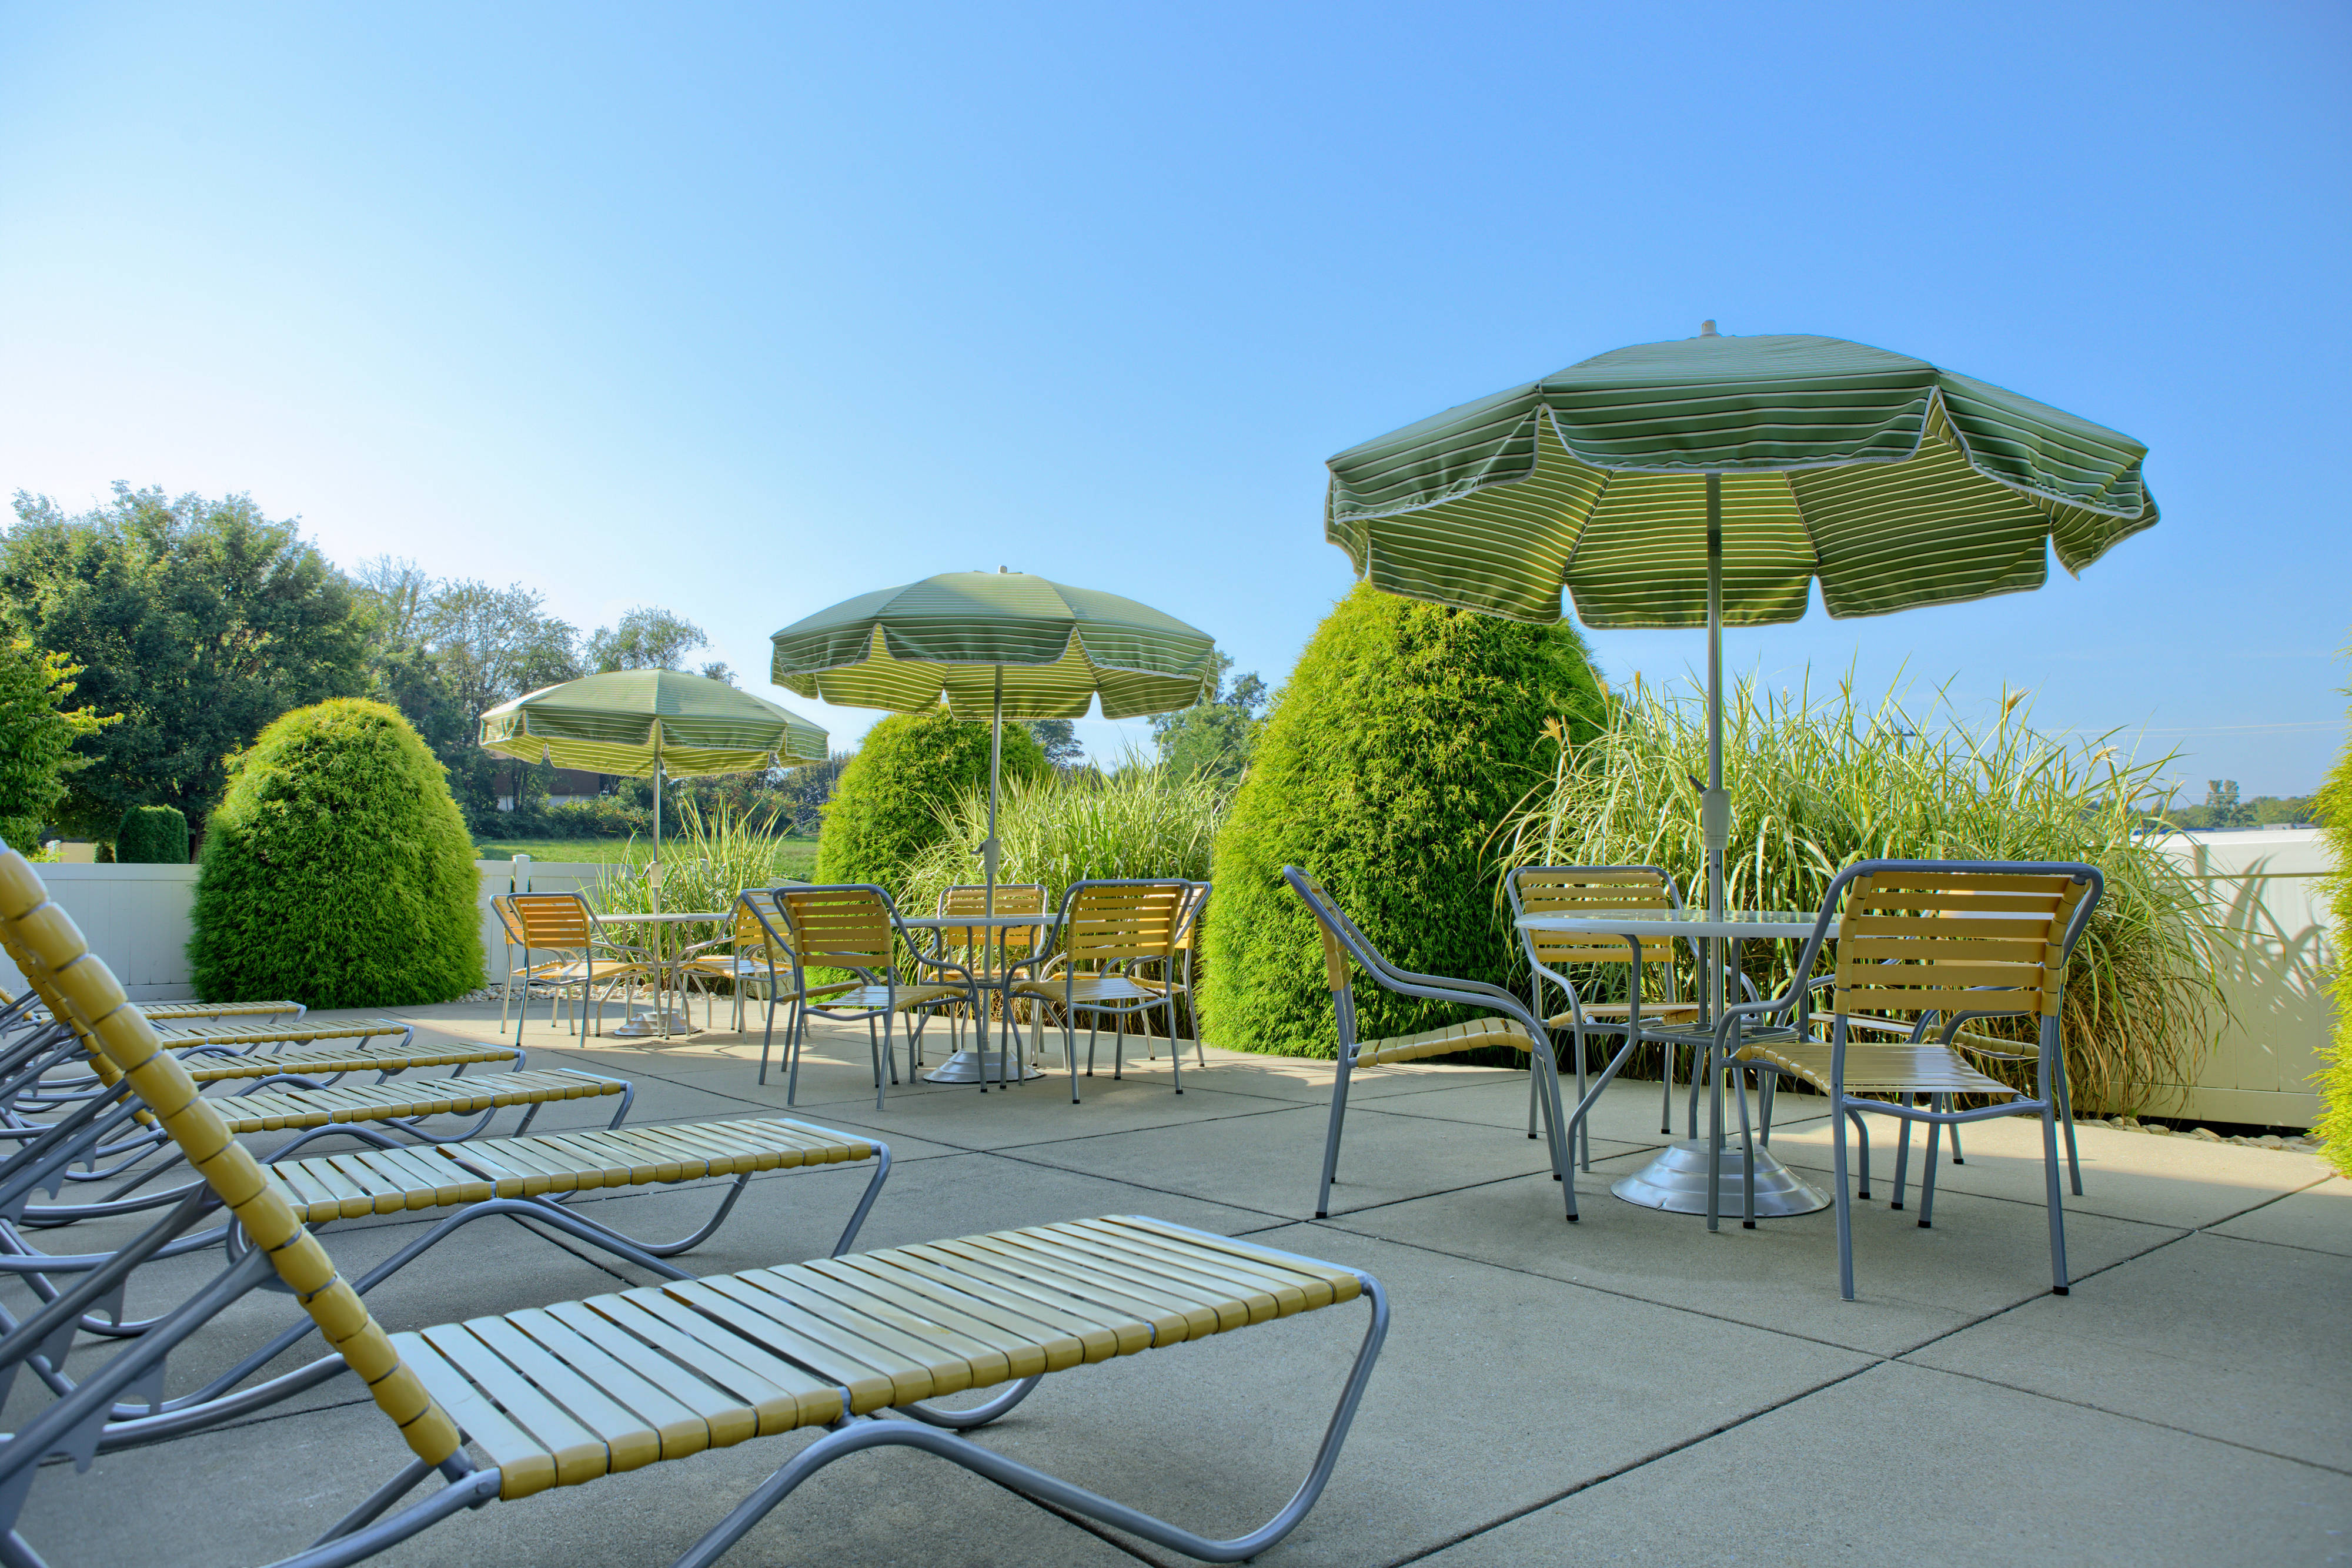 Fairfield Inn & Suites By Marriott Harrisburg Hershey